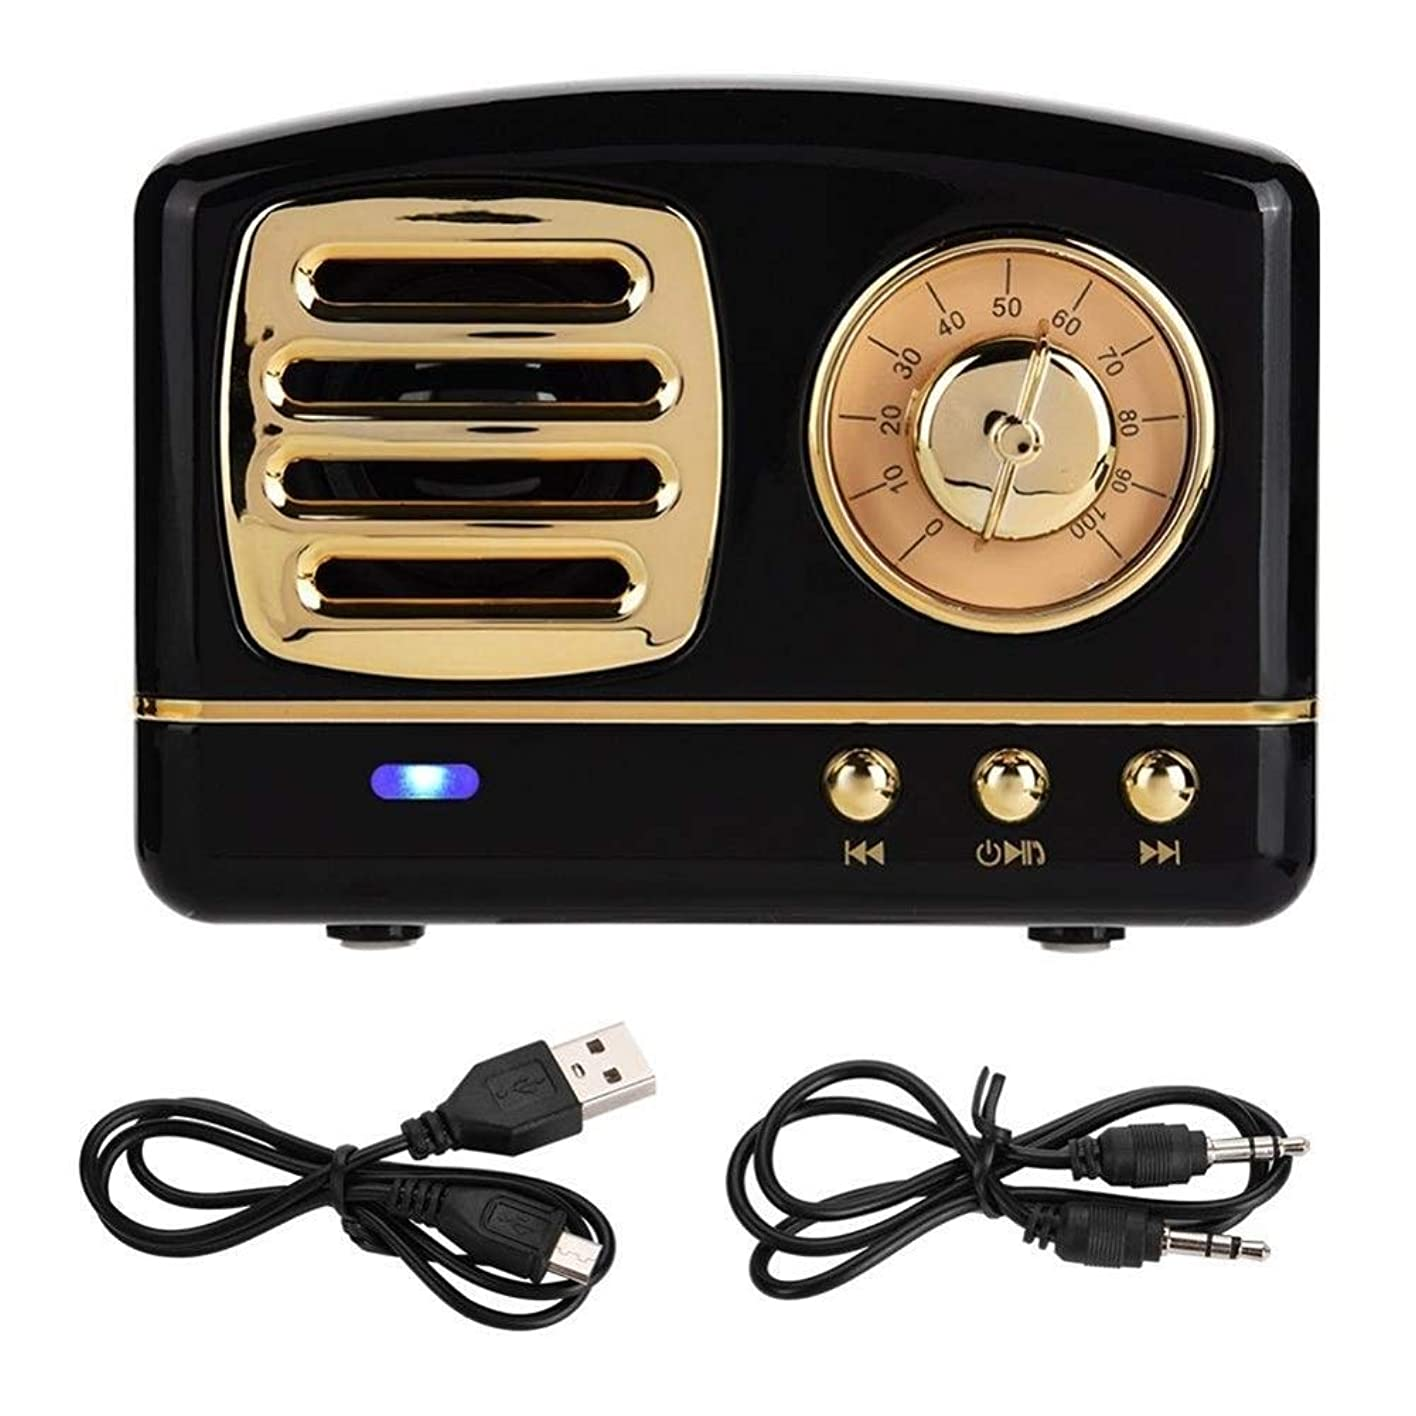 剪断助けになる亡命ミニBluetooth V4.1ワイヤレスレトロHIFIラジオスピーカーポータブルサブウーファー音楽プレーヤーサポートTFカード、USB充電 (Color : Black)